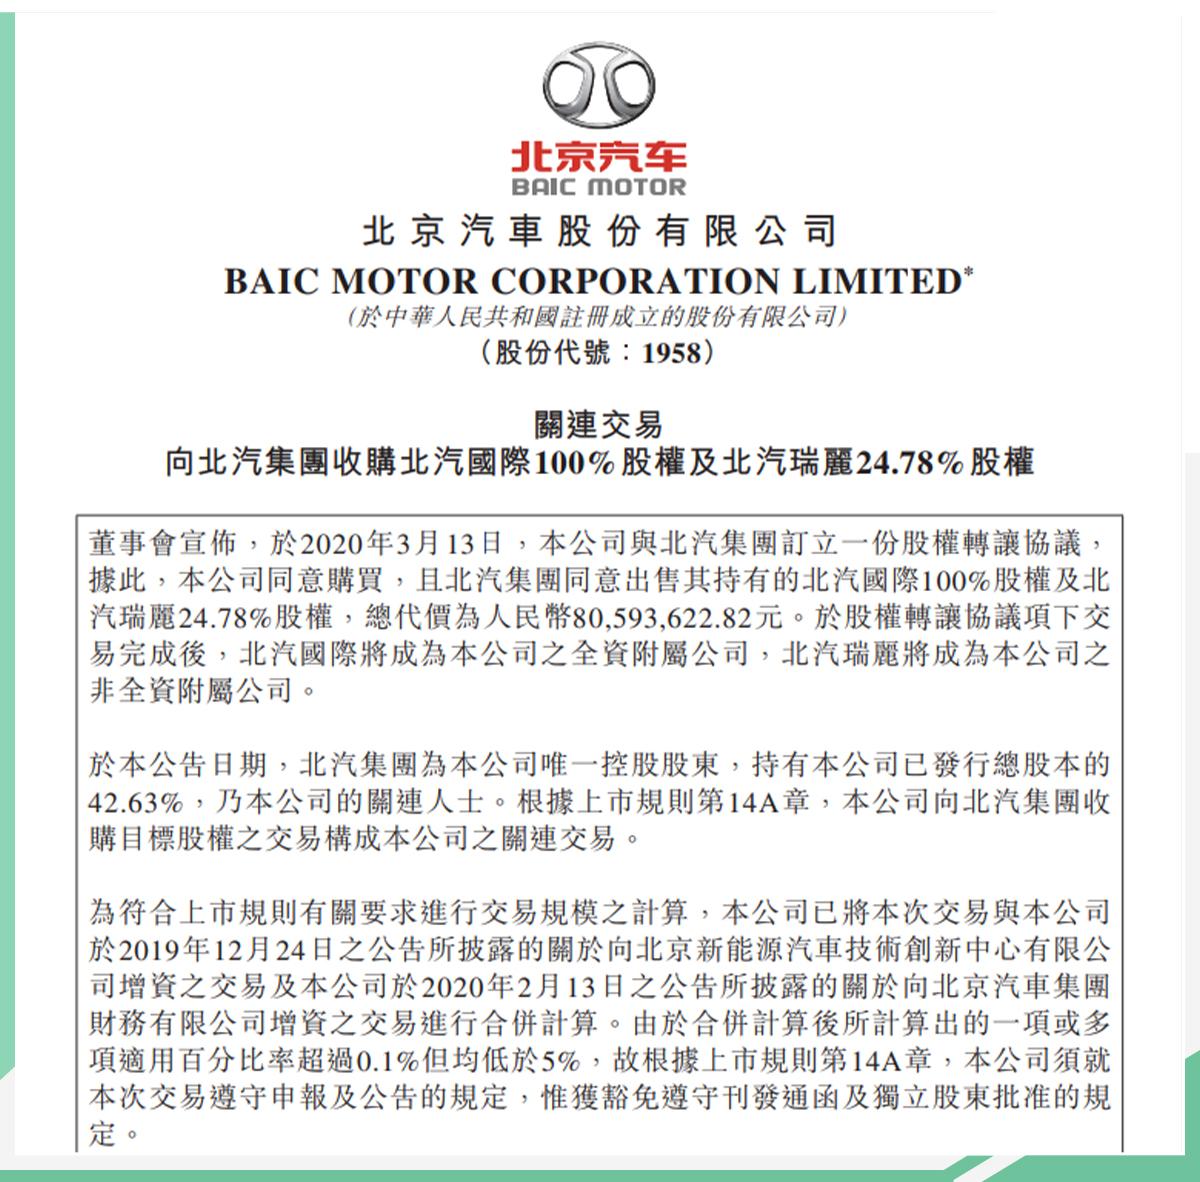 加速全球化战略 北京汽车收购北汽国际/北汽瑞丽